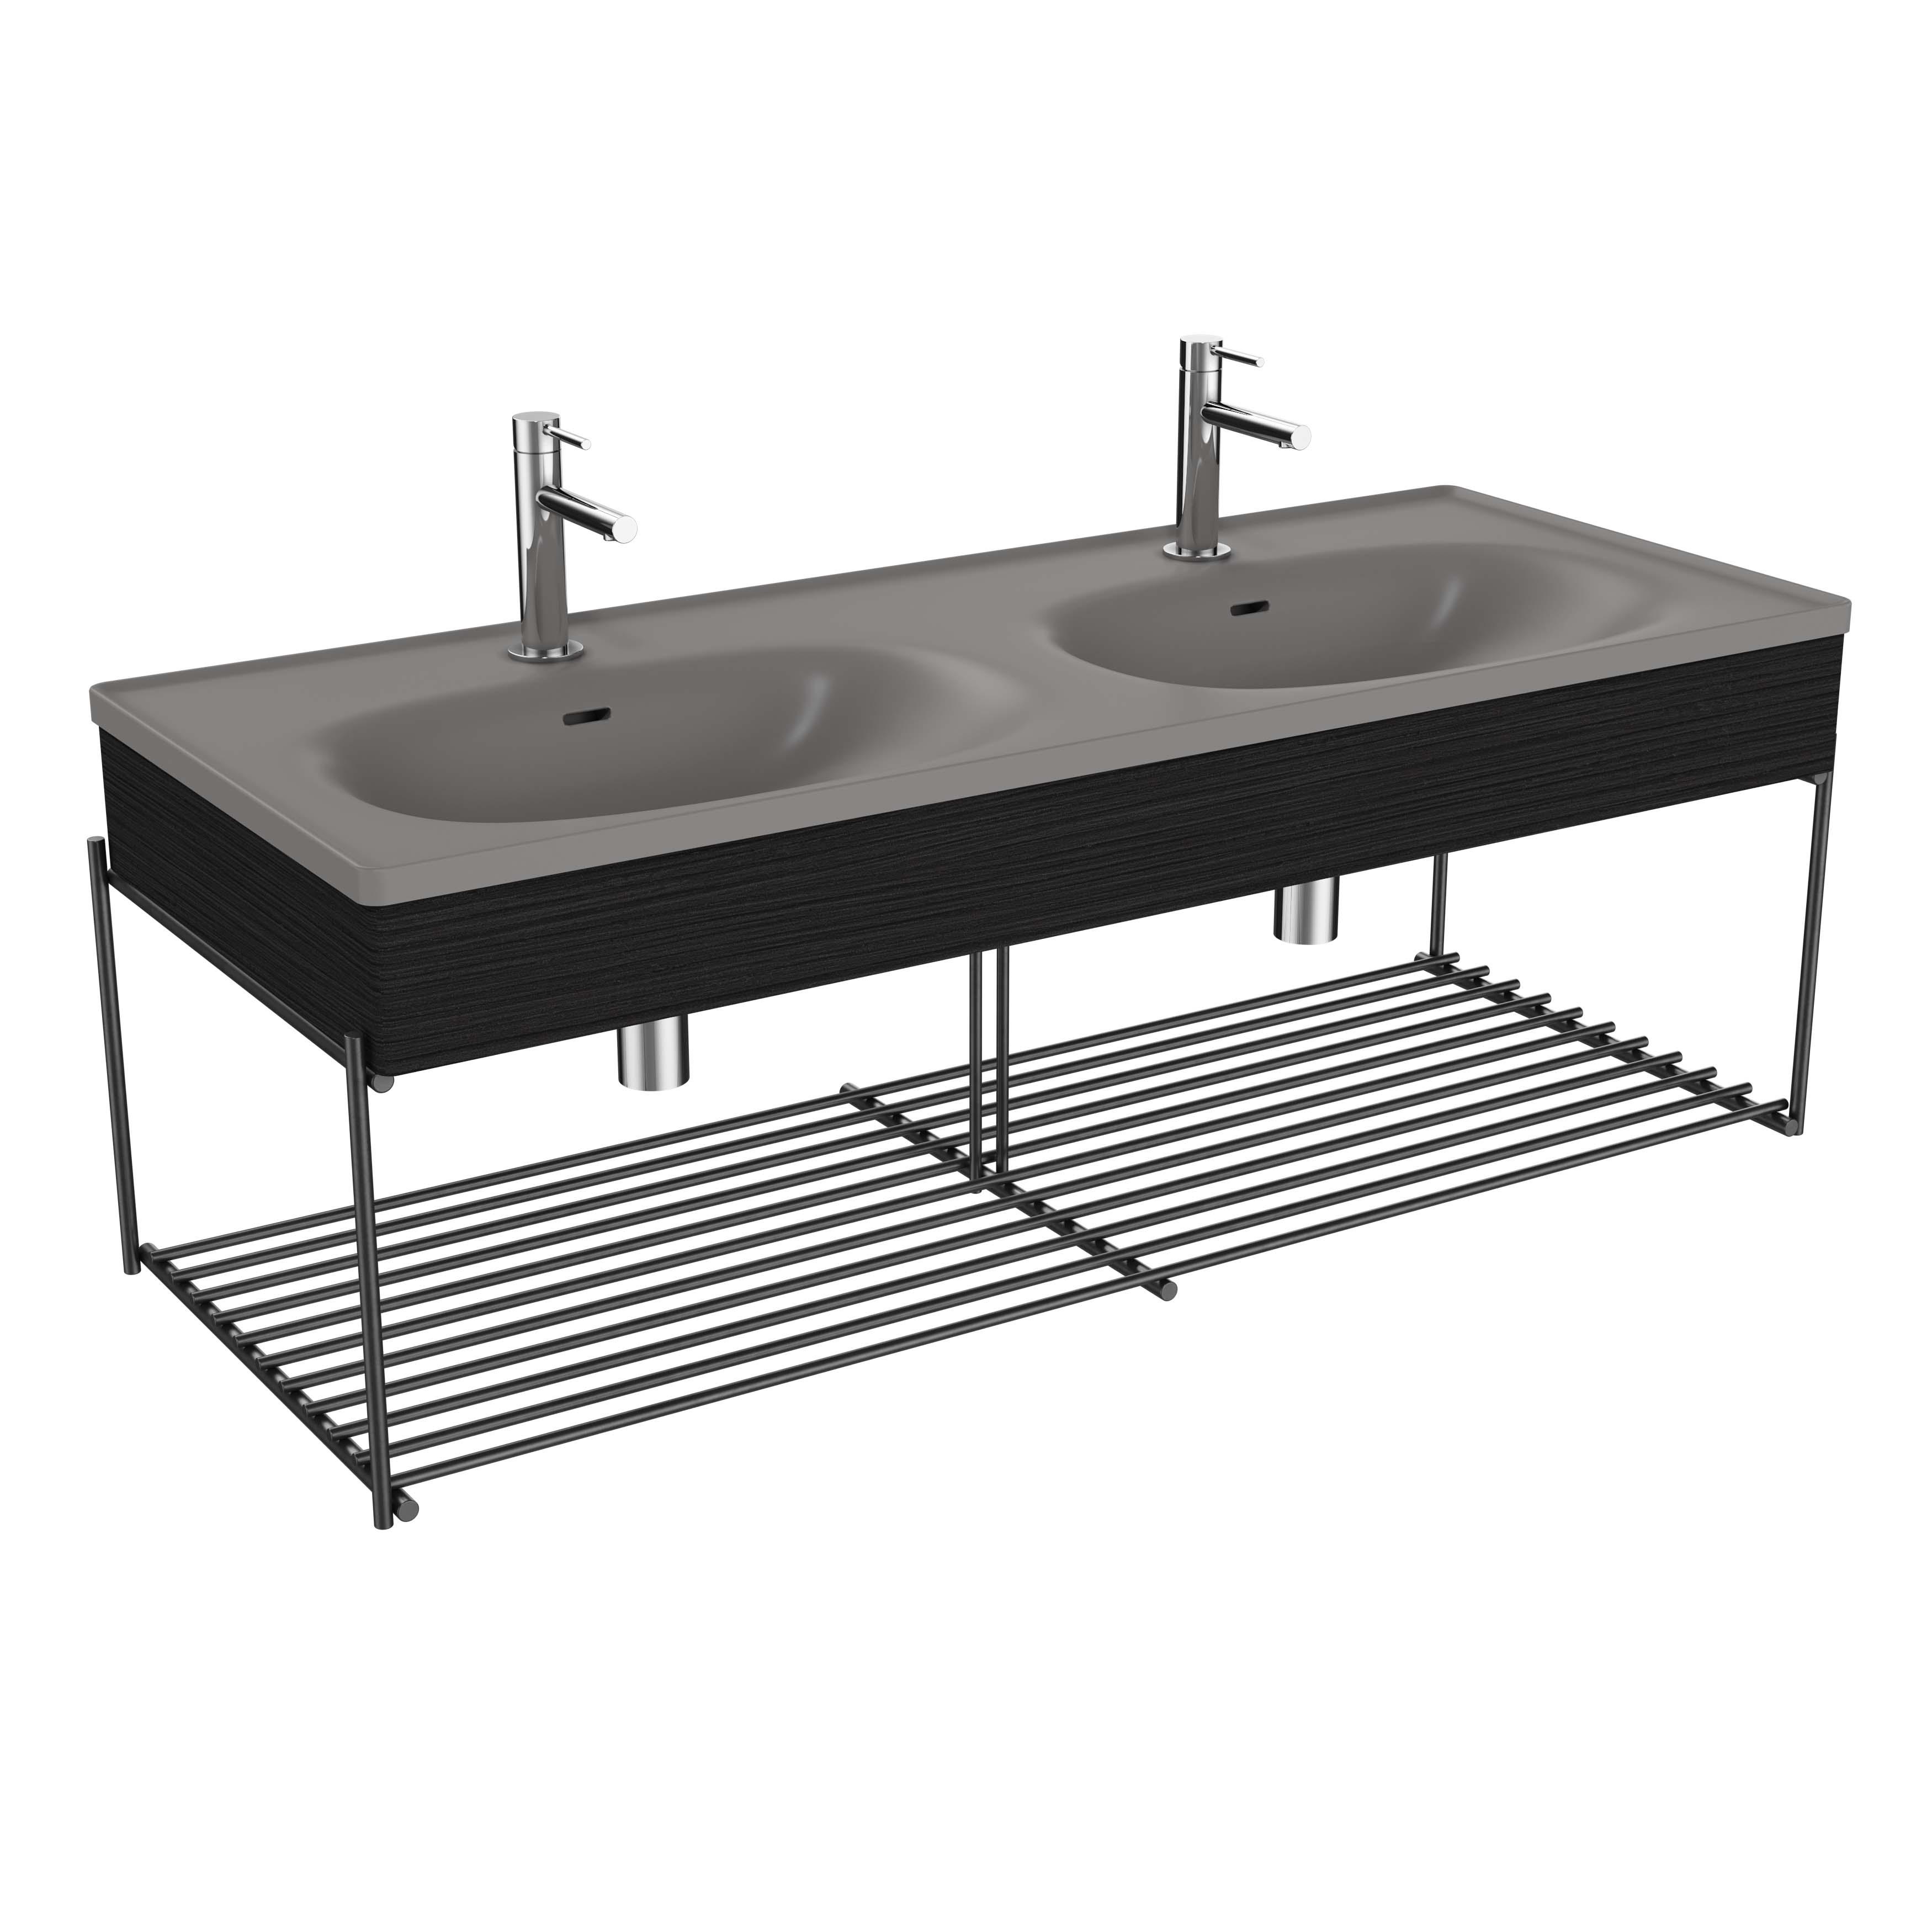 Equal plan céramique, lavabo double, panneauen bois, étagère, 130 cm, gris pierre mat / chêne noir structure